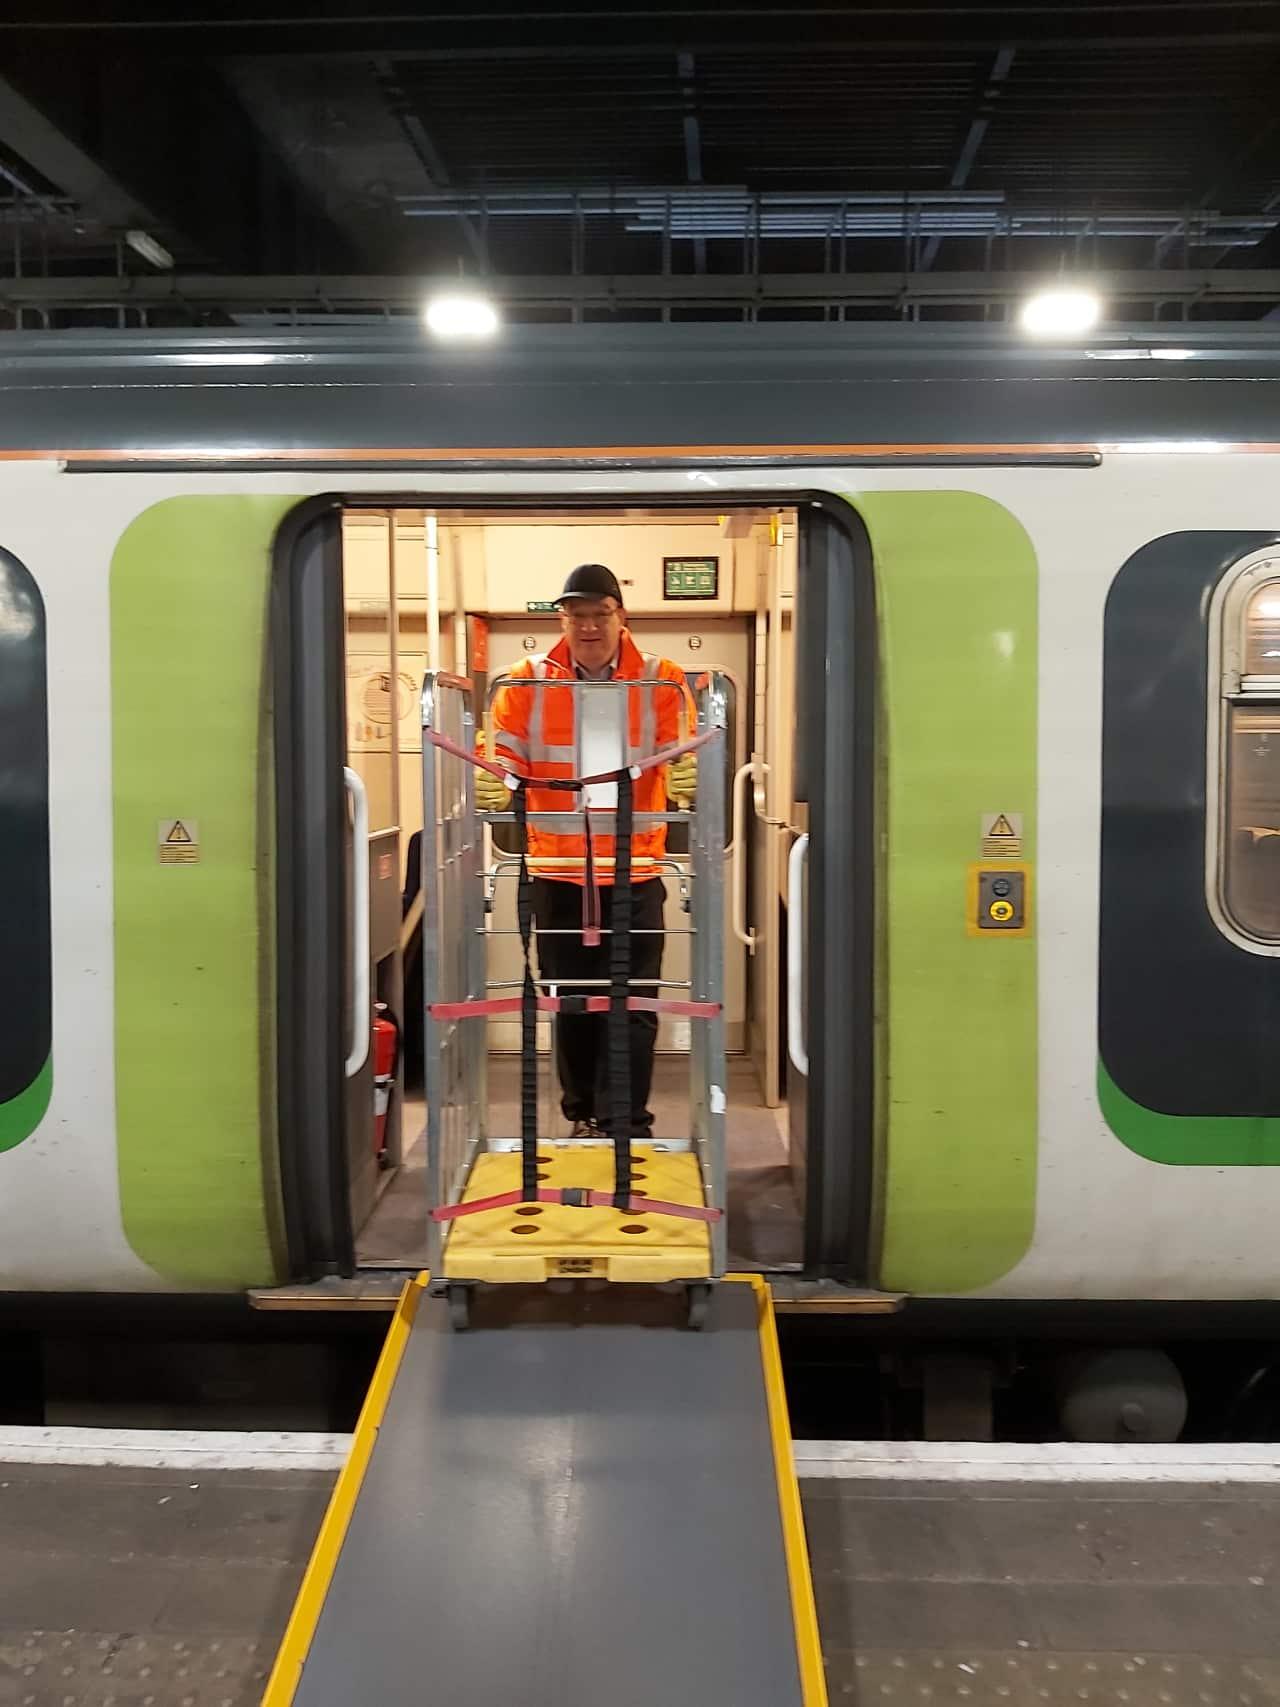 Class 319 Parcel trains unloading at London Euston